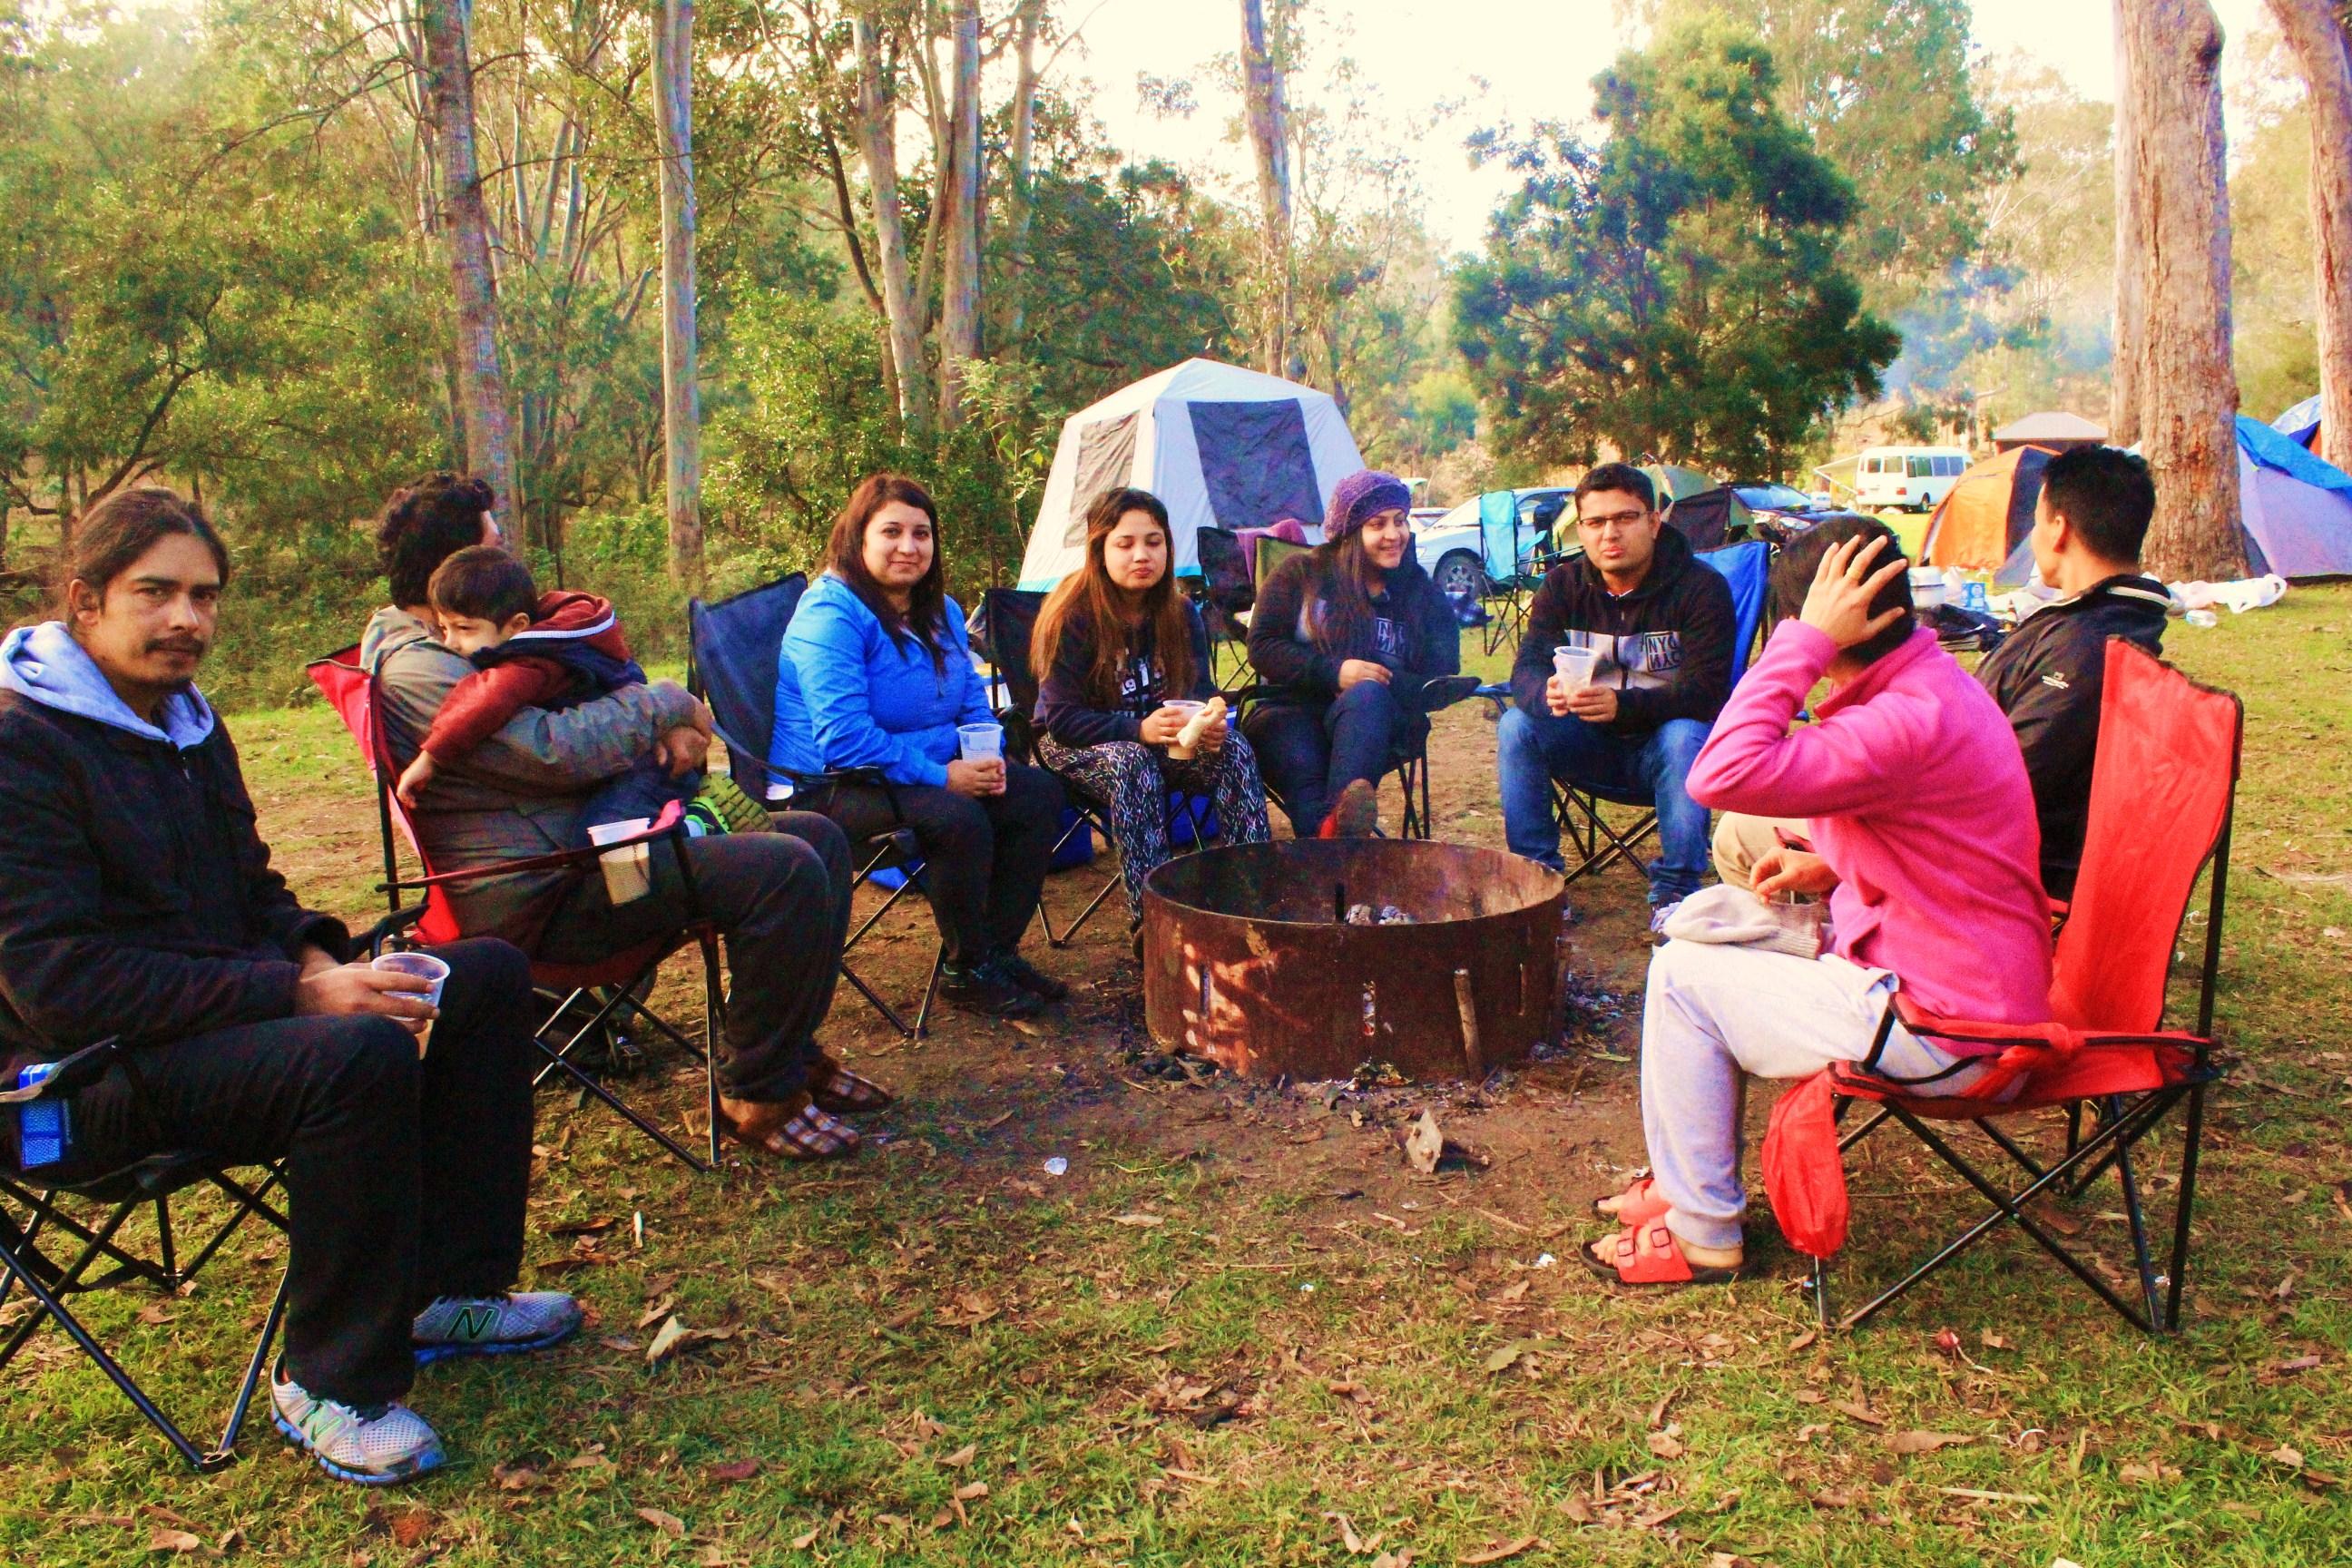 Camping at Peach Tree Camping Site, Jimna QLD